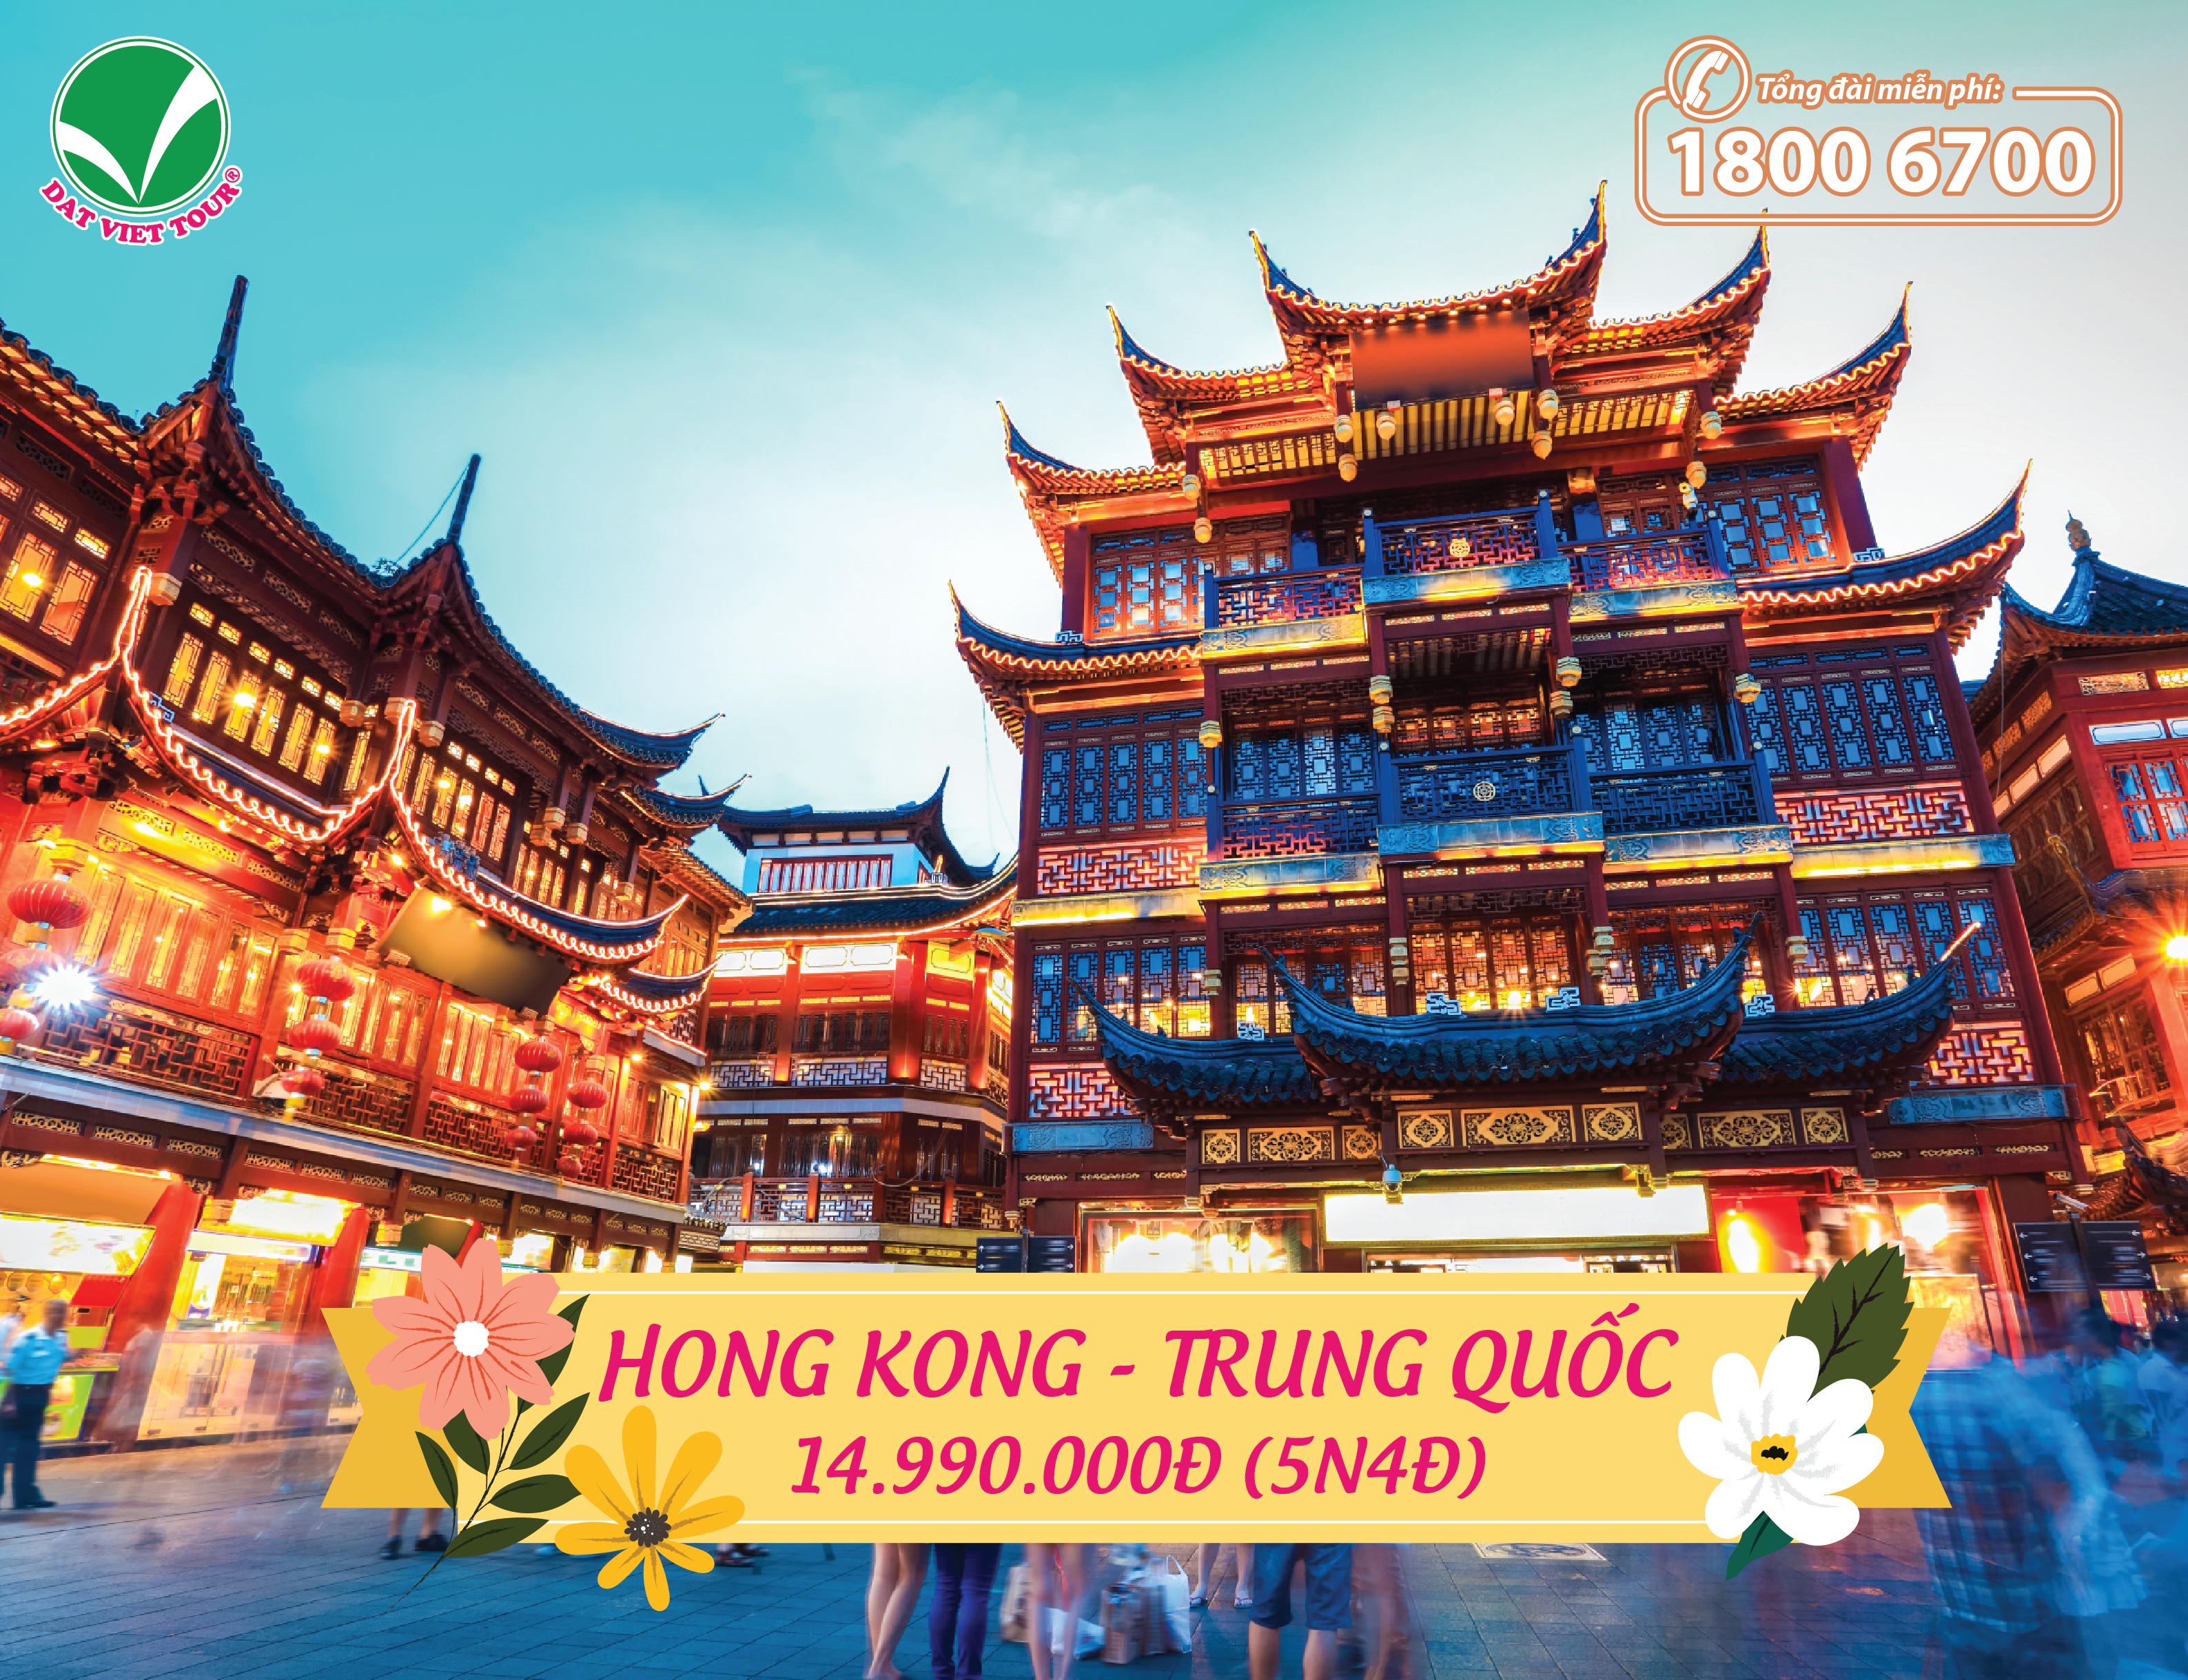 Tour Hongkong - Trung Quốc